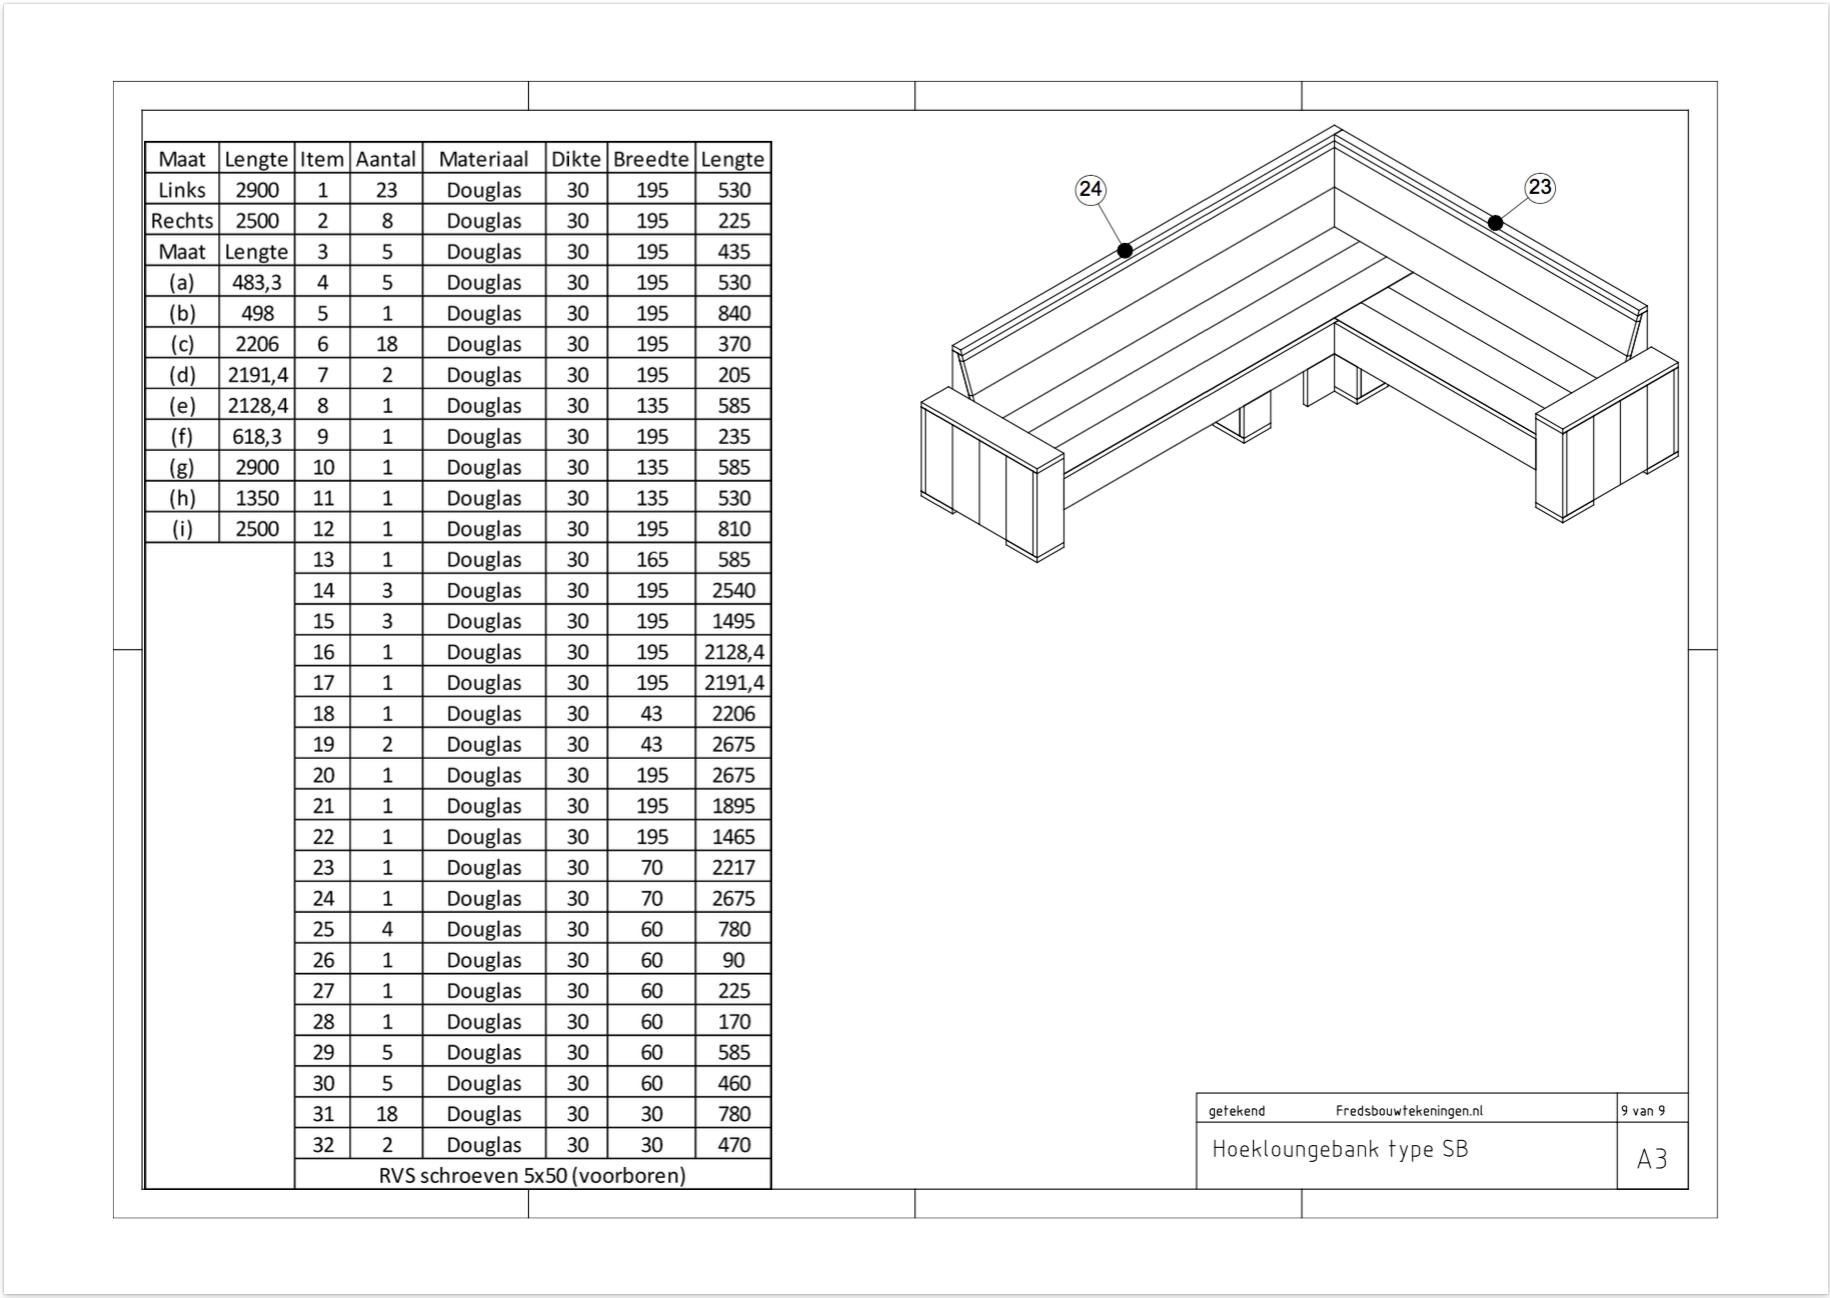 Vaak Opzoek naar een bouwtekening loungebank? Klik dan hier! QK89